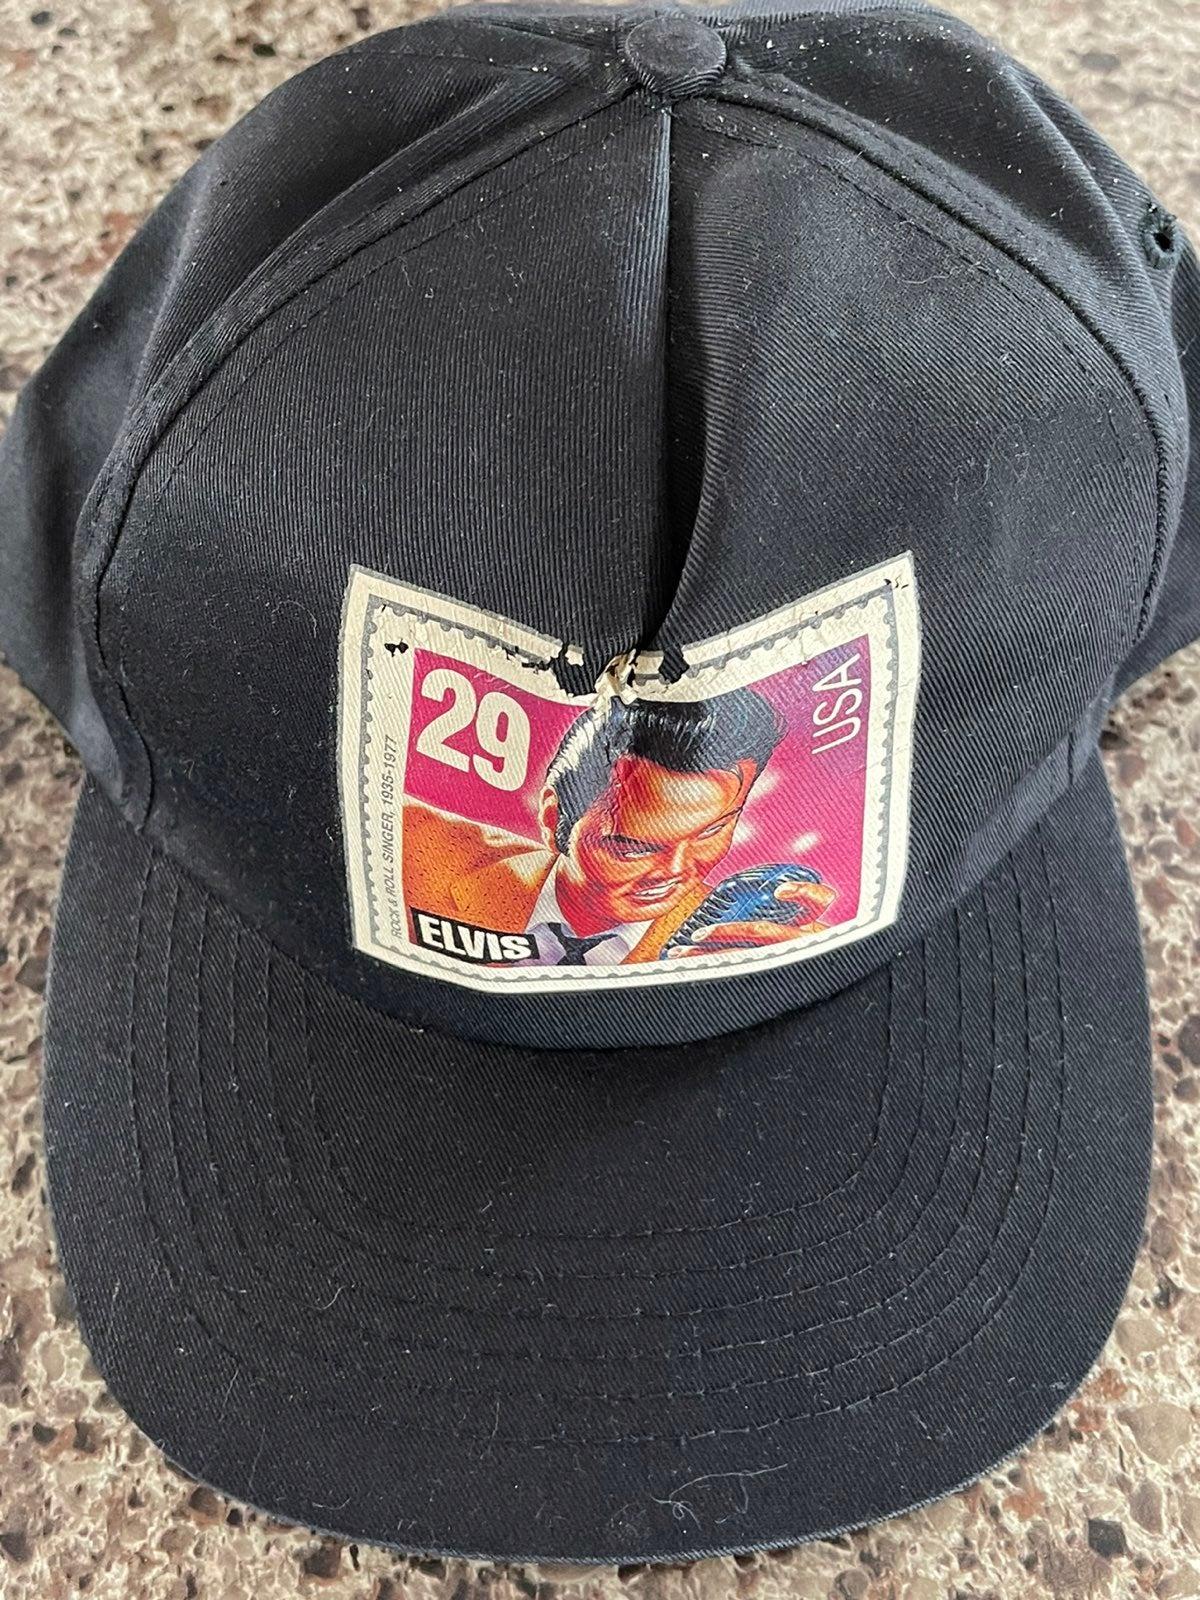 Vintage Elvis Presley 29 Cent Stamp Hat